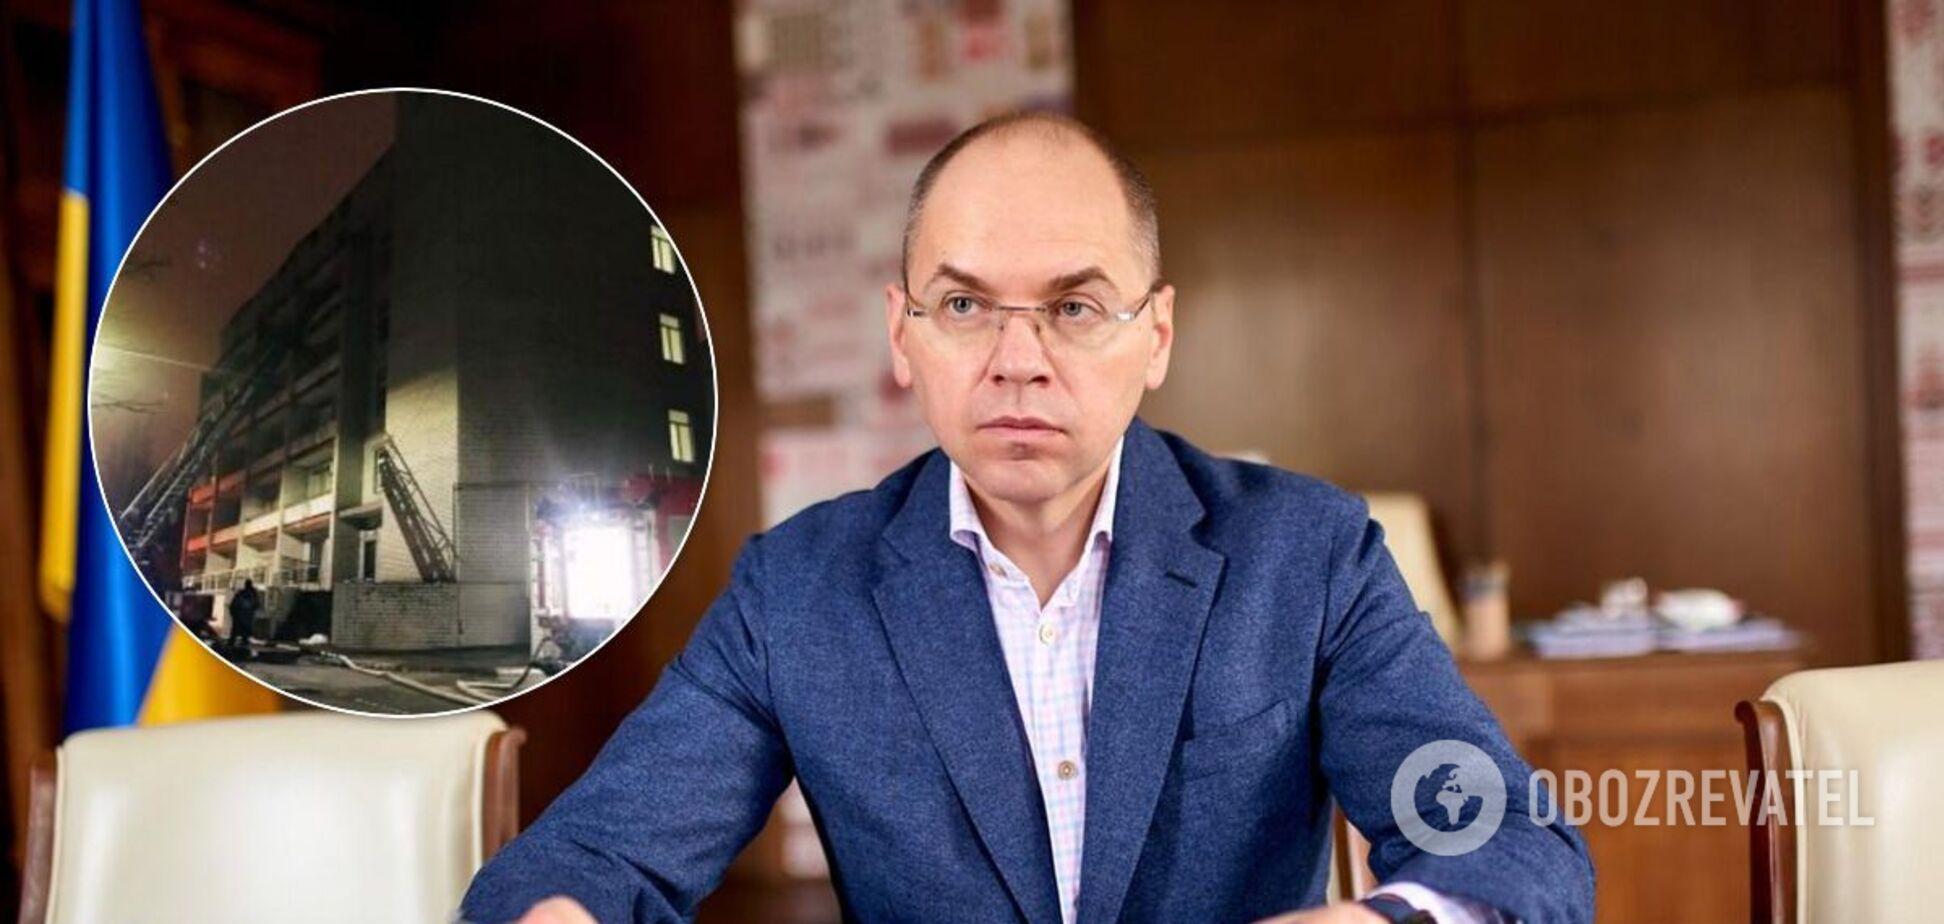 Степанов терміново вилетів у Запоріжжя через пожежу в COVID-лікарні